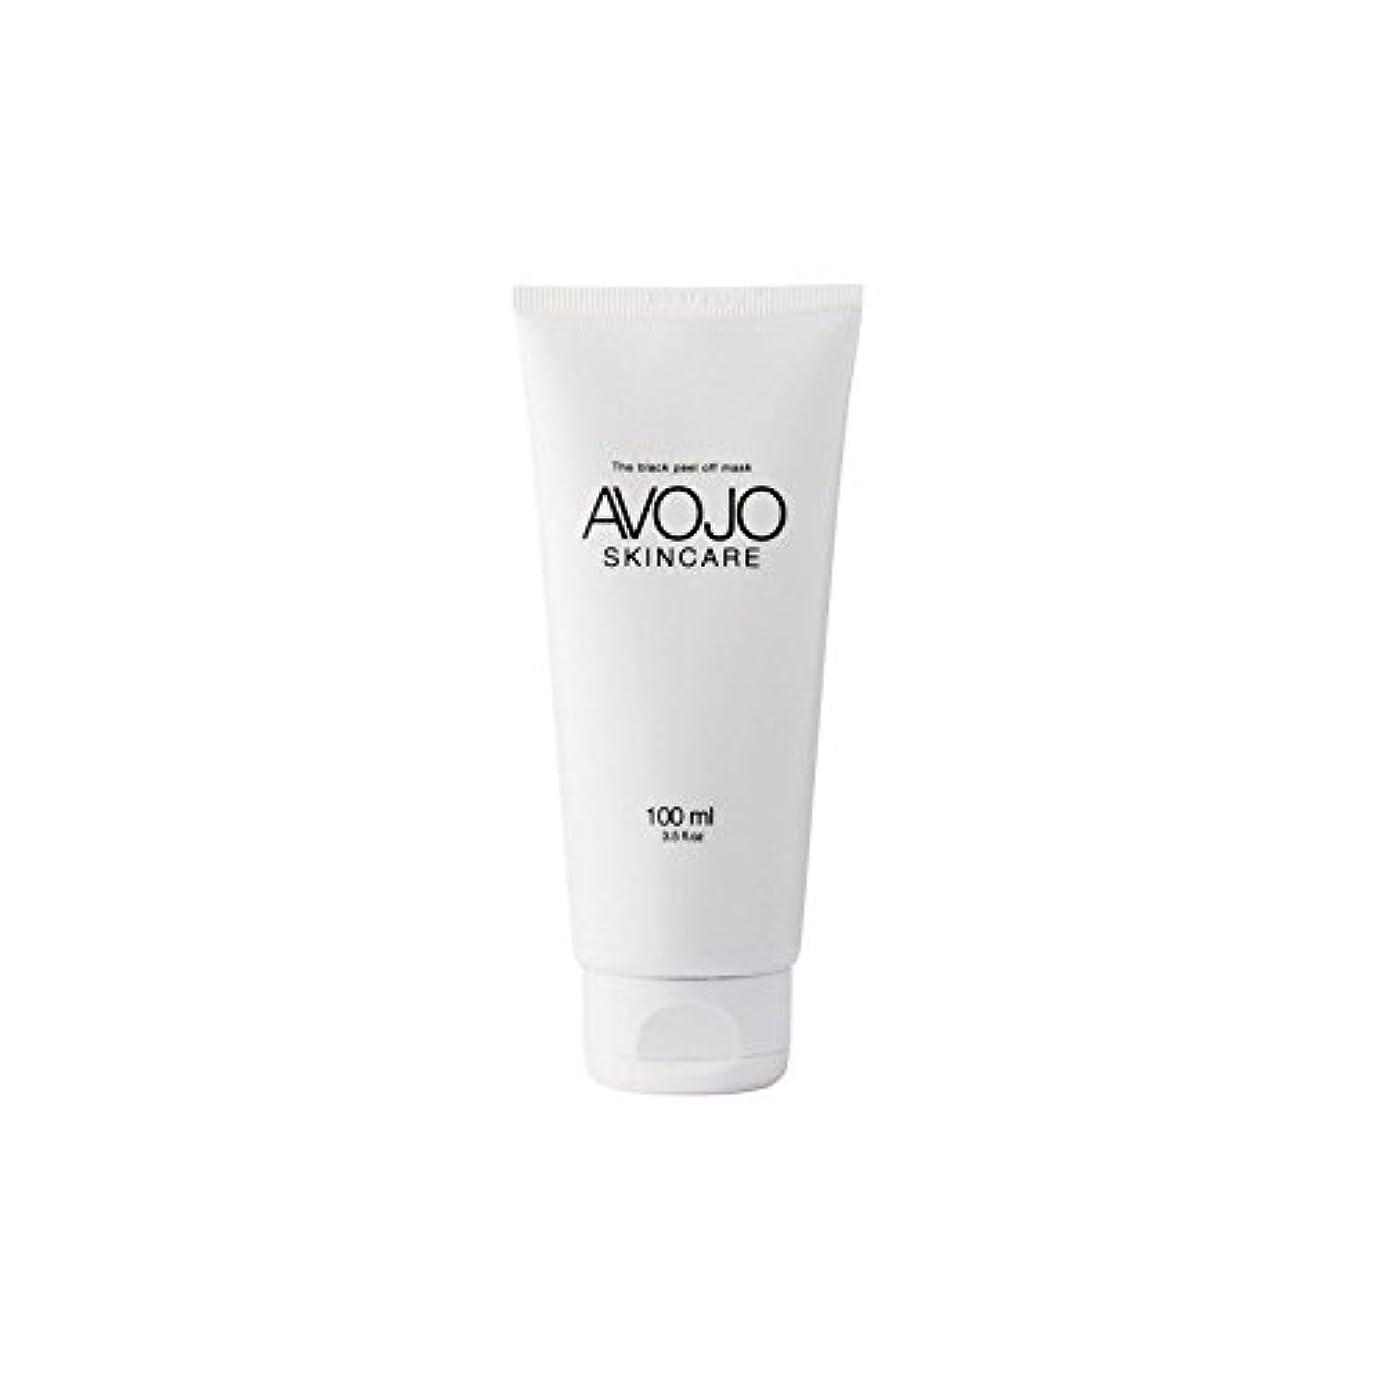 謎スリーブパワー- 黒皮オフマスク - (ボトル100ミリリットル) x2 - Avojo - The Black Peel Off Mask - (Bottle 100ml) (Pack of 2) [並行輸入品]